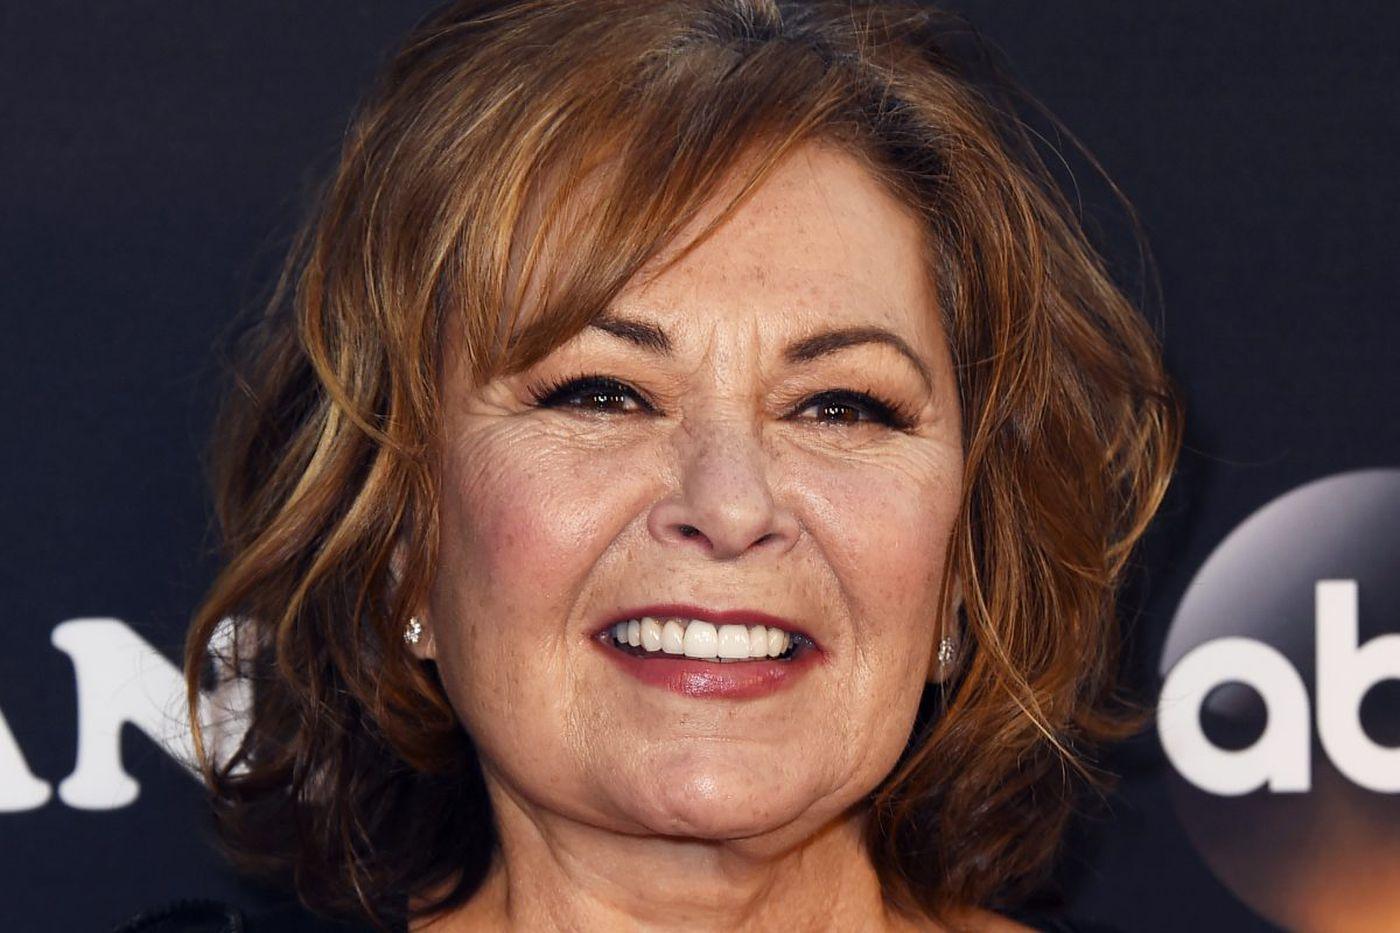 Roseanne Barr blasts 'Roseanne' co-stars online, blames racist tweet on sleep drug Ambien